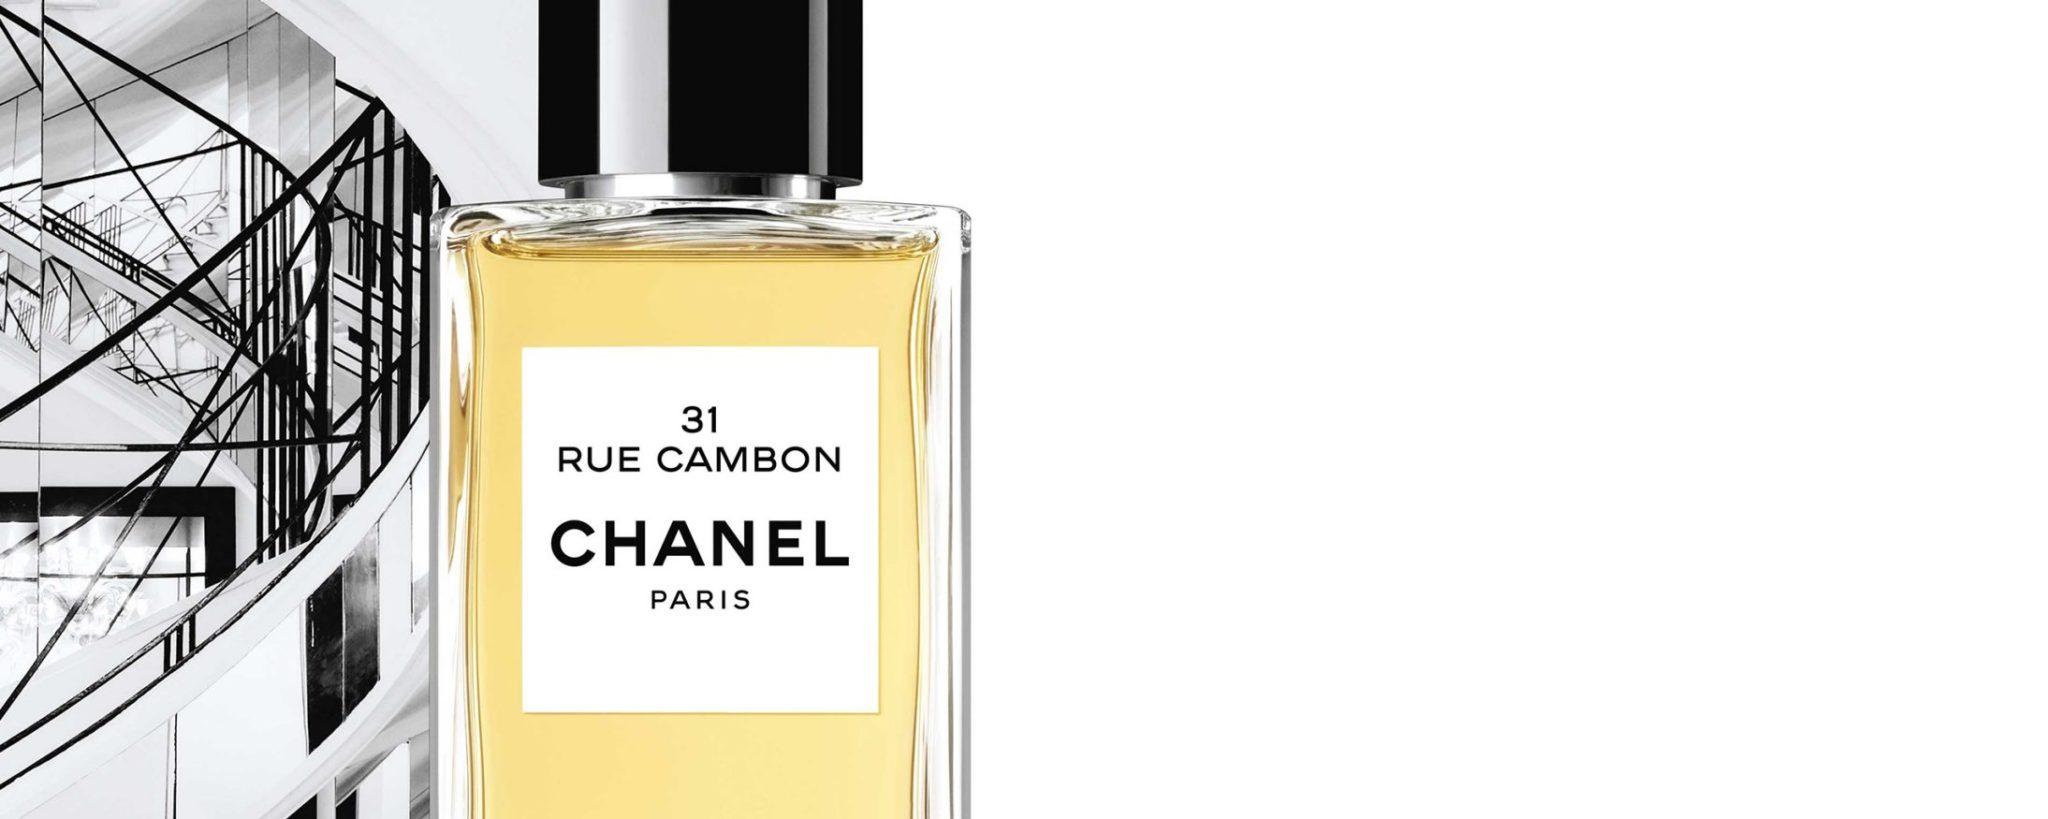 Chanel Les Exclusifs 31 rue Cambon eau de parfum Esprit de Gabrielle espritdegabrielle.com